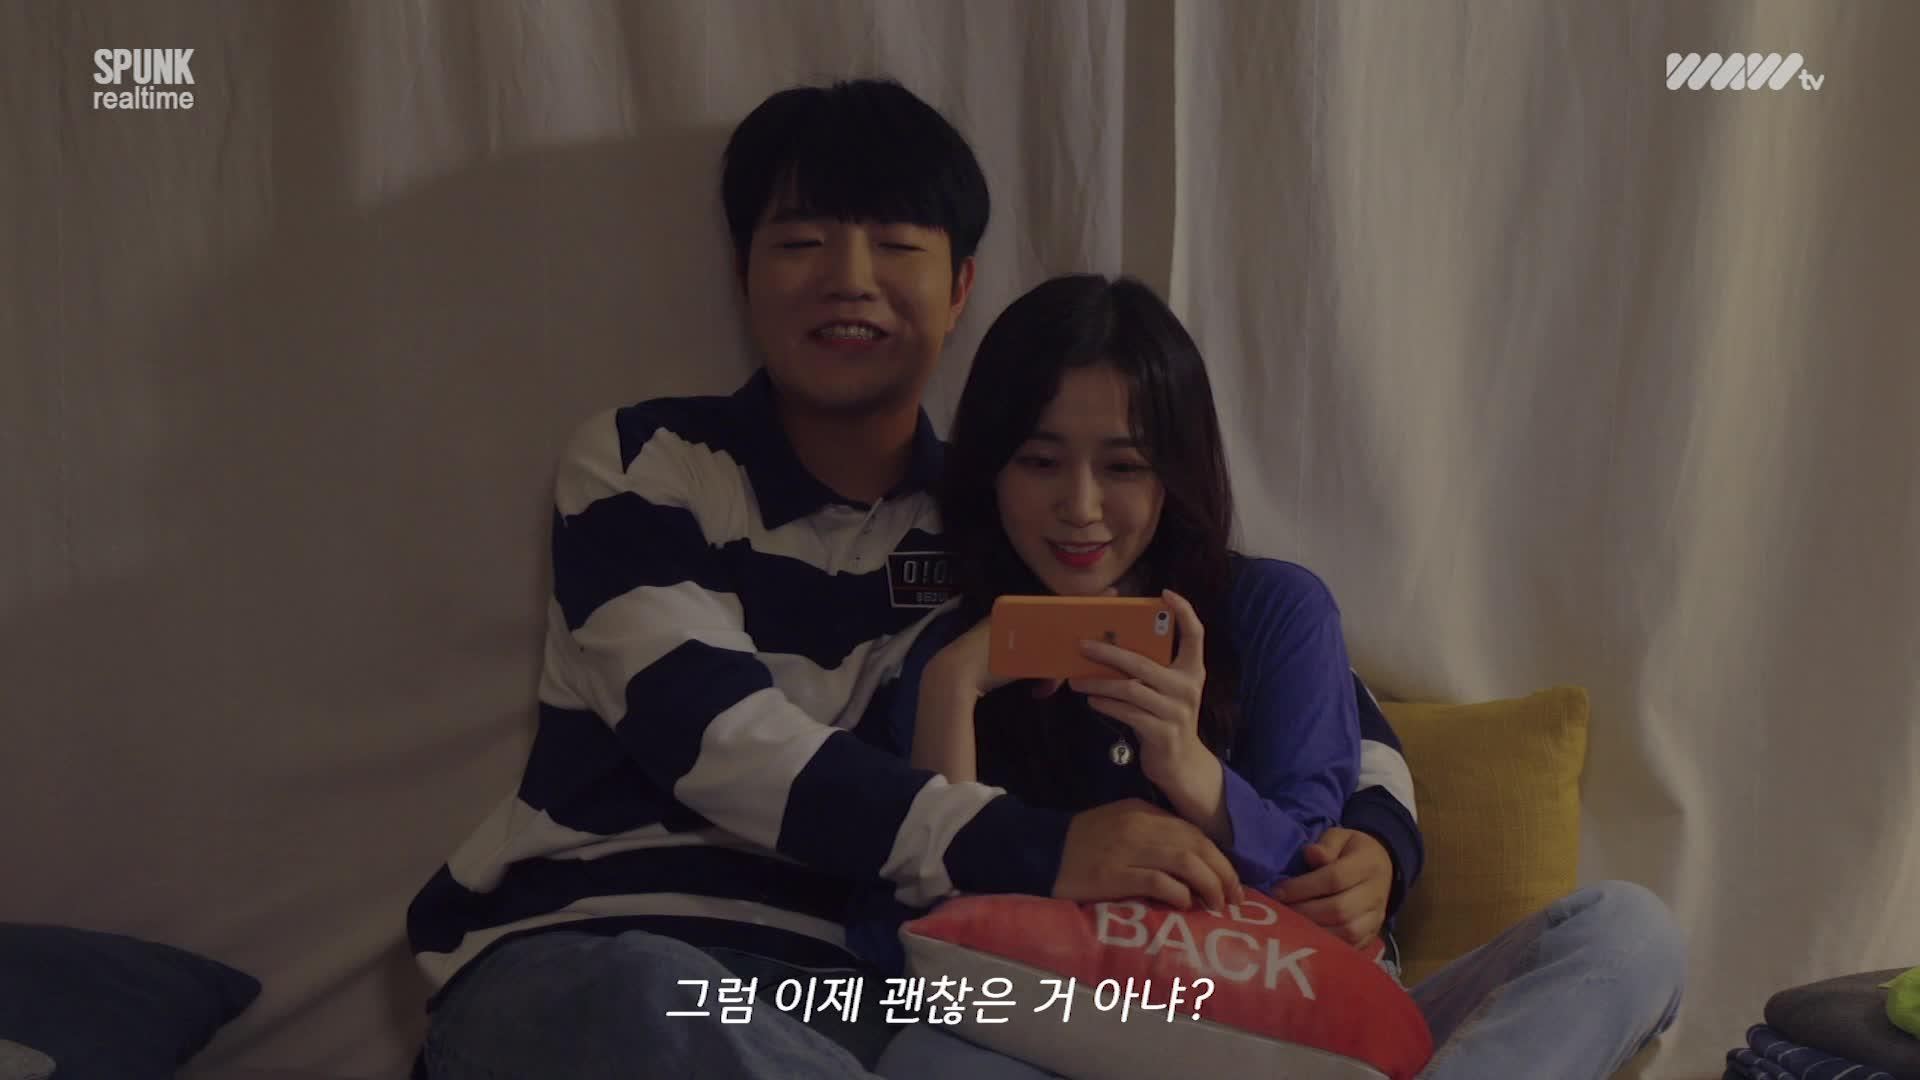 [리얼타임] 지금 이 순간 일어나는 일_웹드라마 SPUNK(스펑크) EP3-1